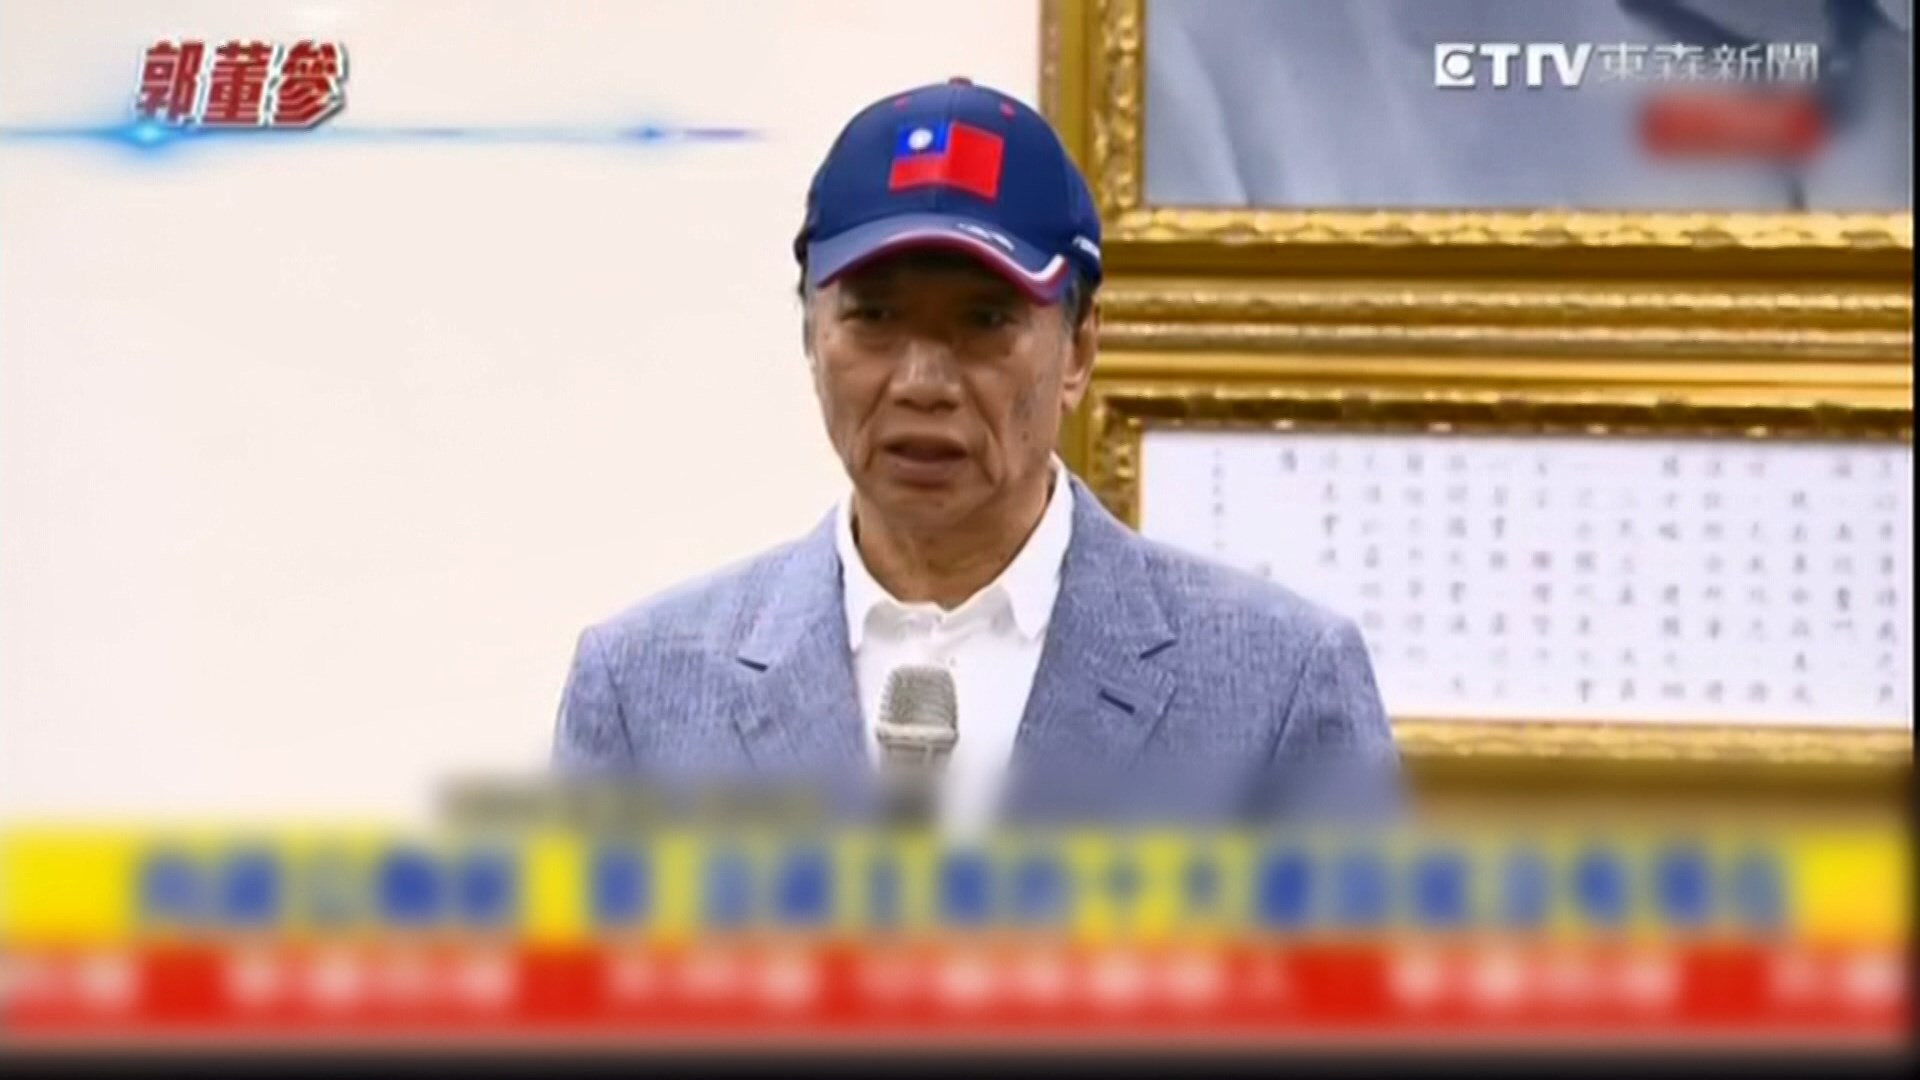 郭台銘宣布願參加國民黨總統初選